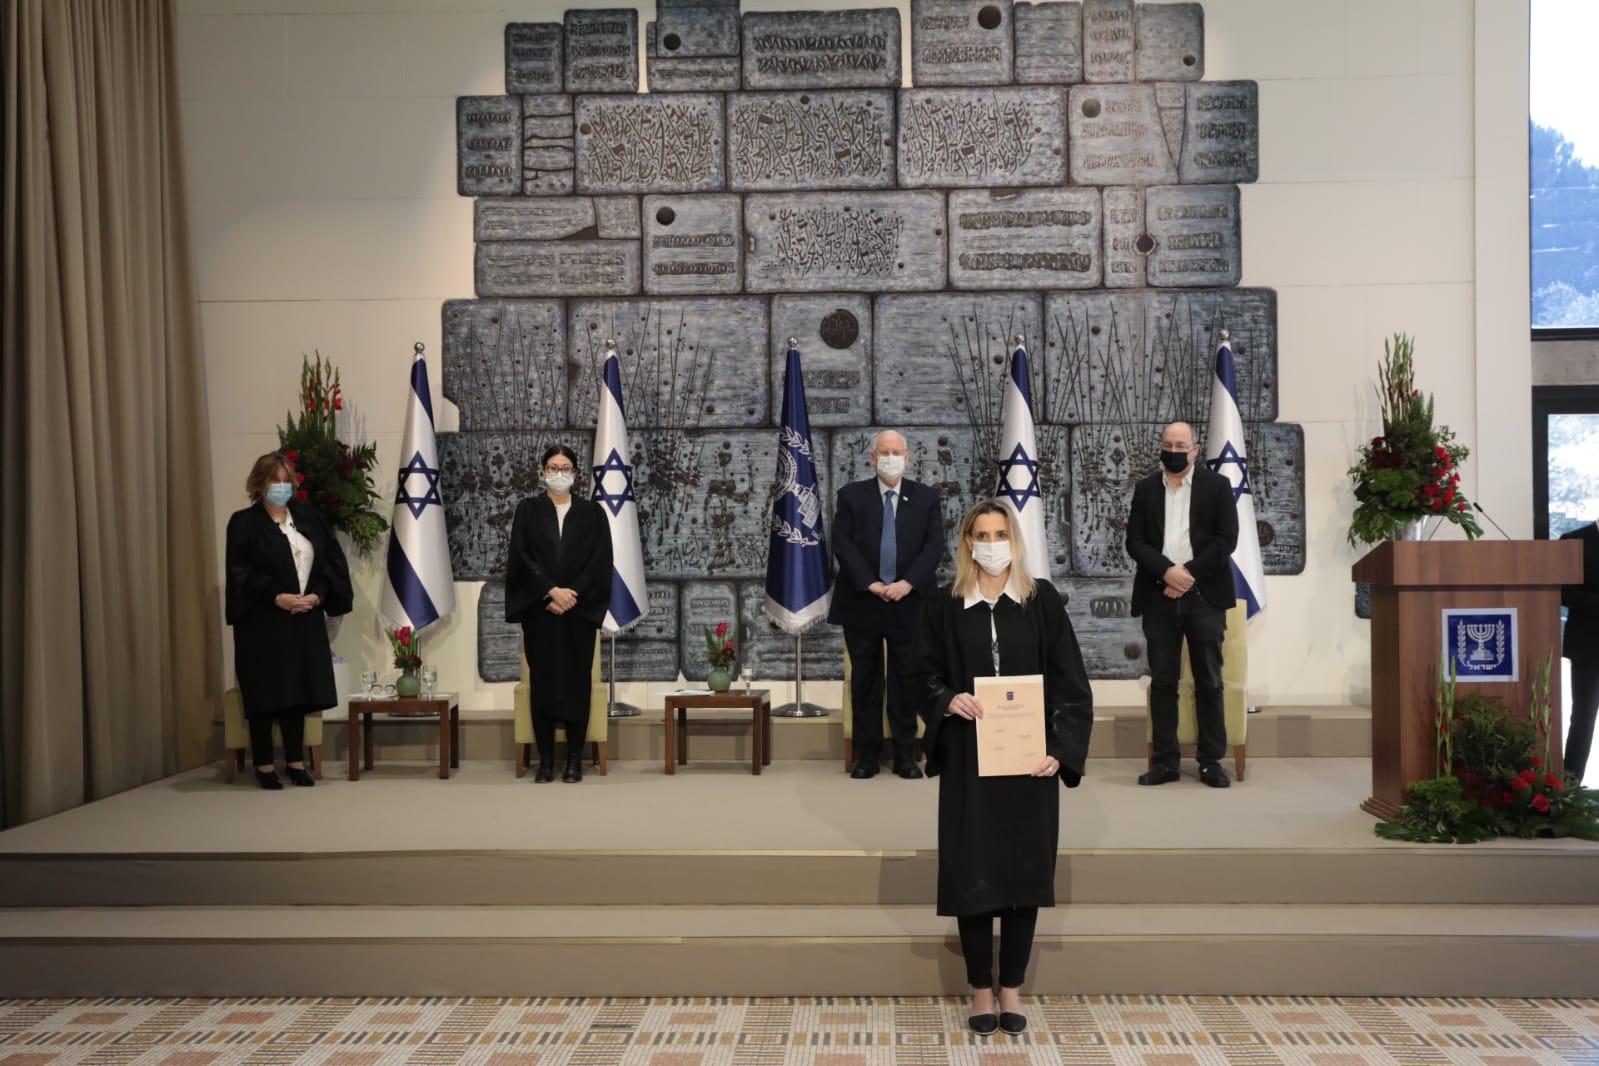 טקס השבעת השופטים החדשים / צילום: דוברות הרשות השופטת